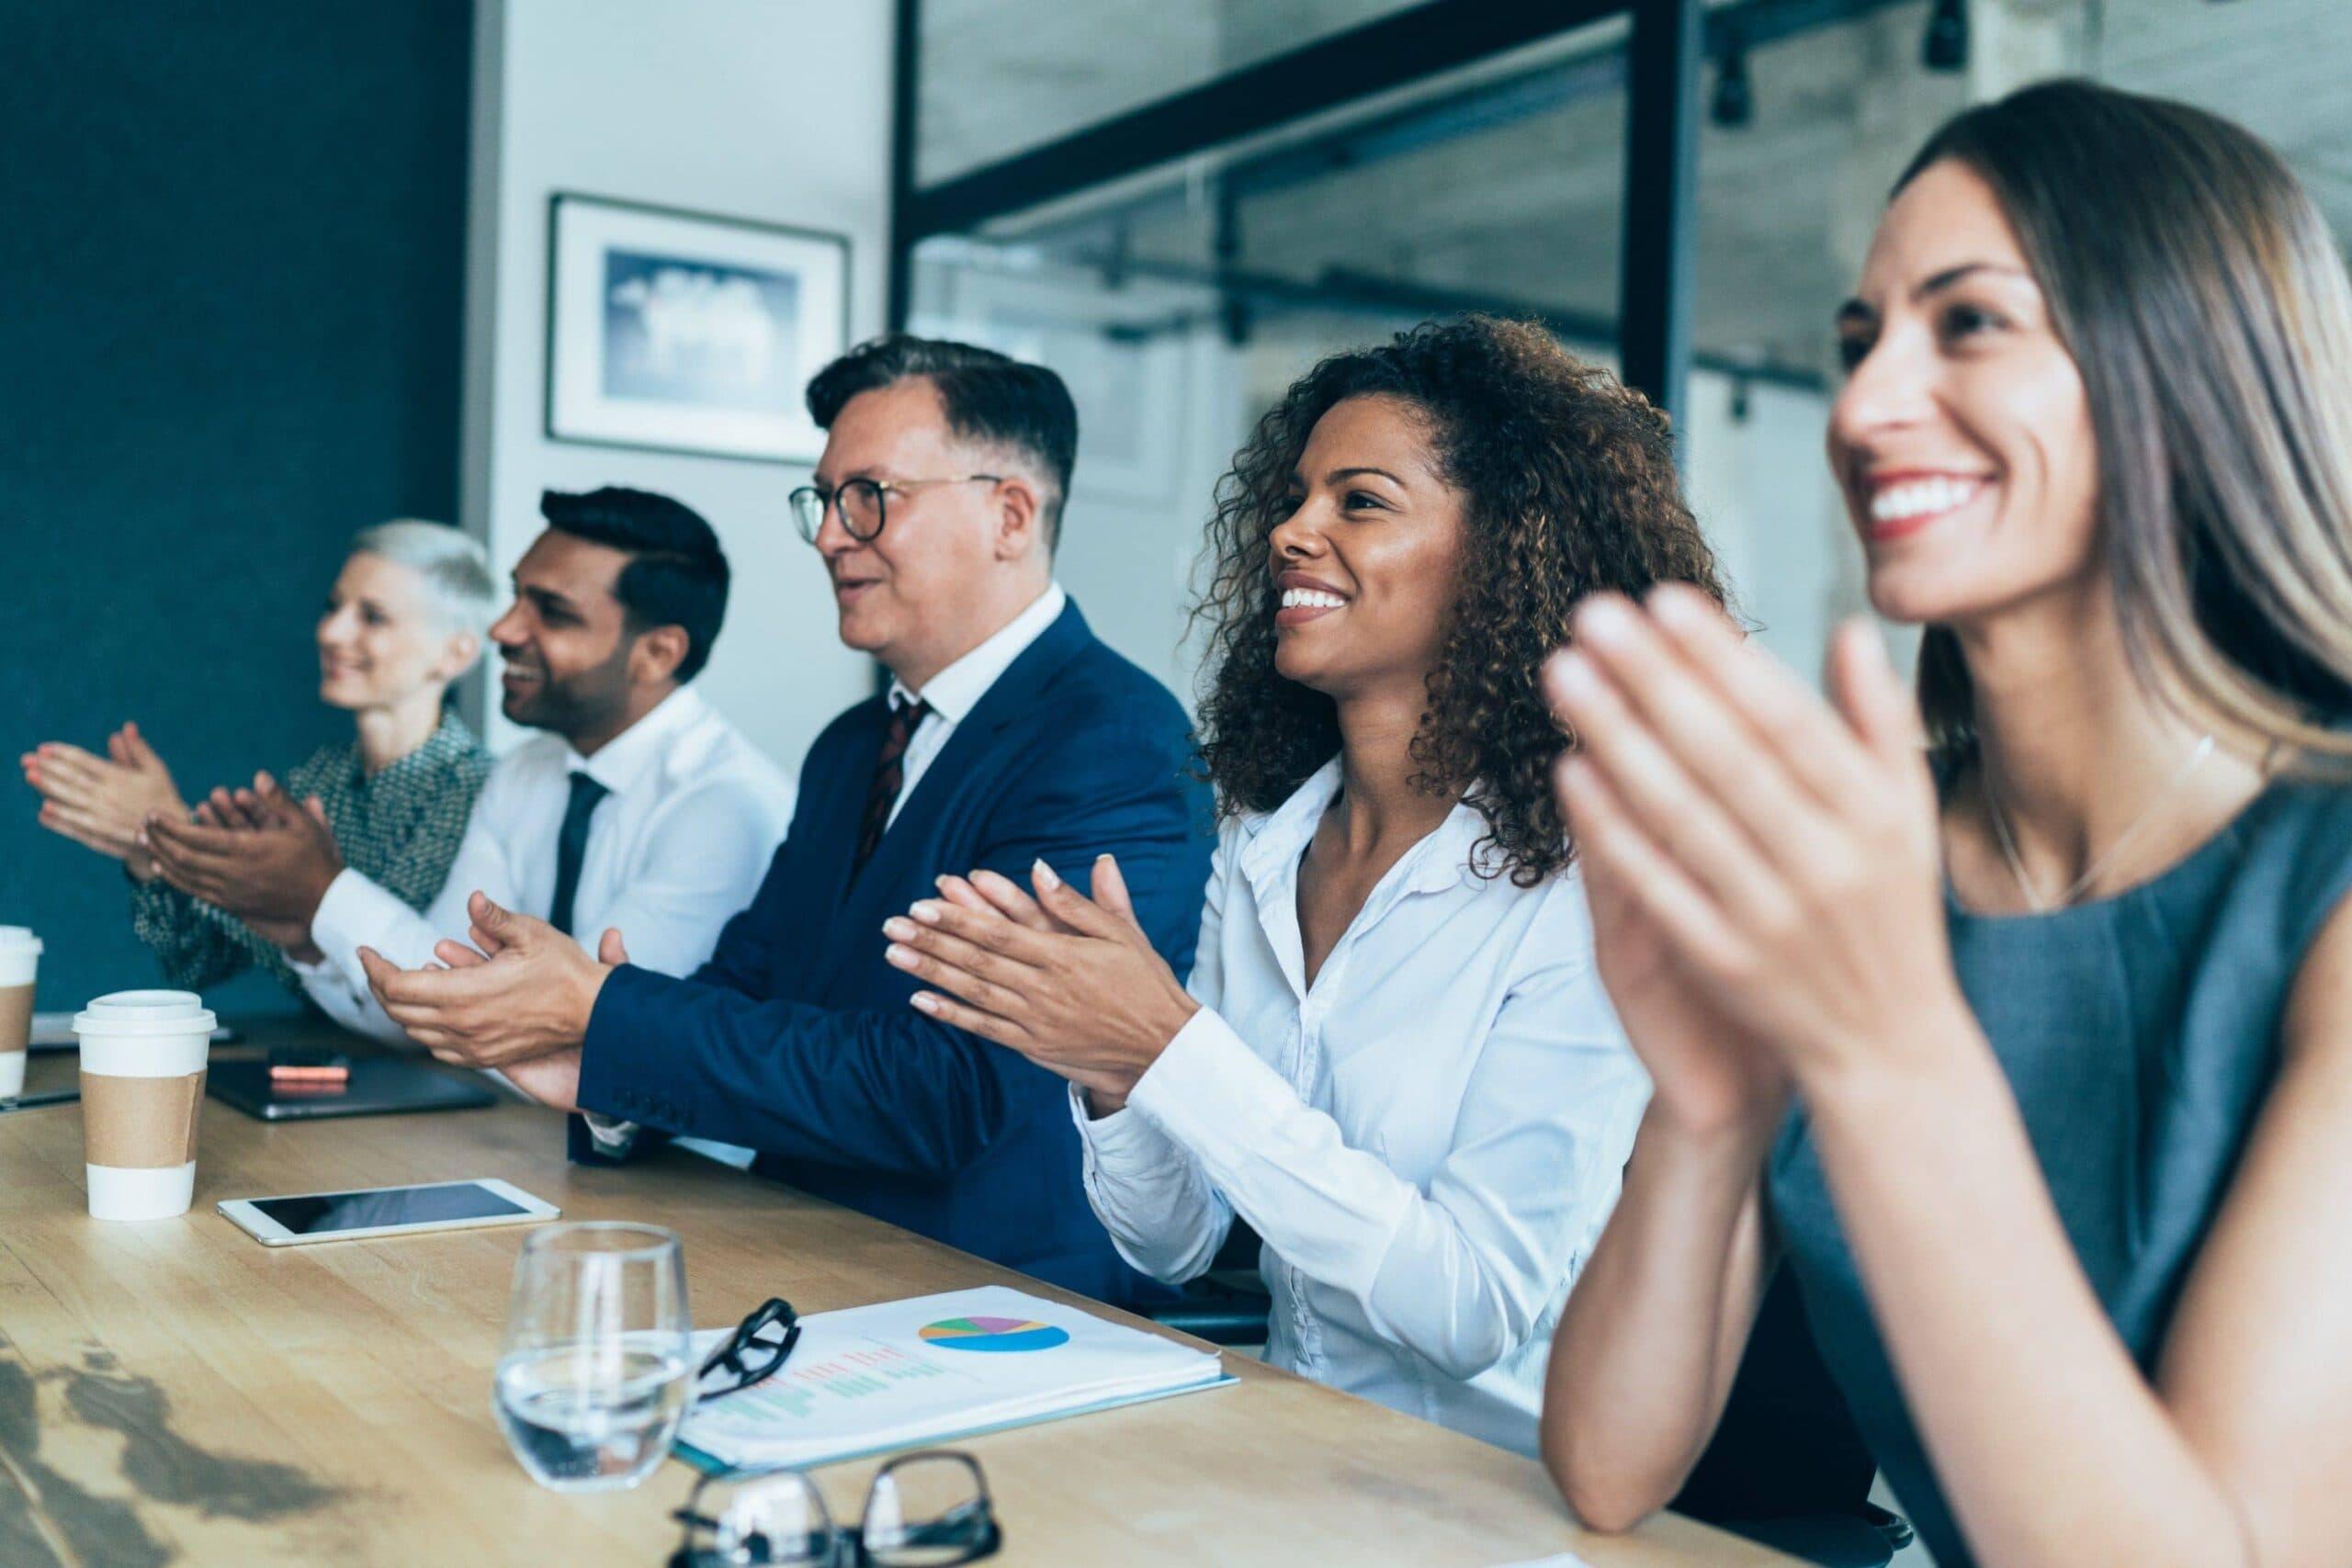 ¿No sabes cómo motivar a los colaboradores? ¡Consulte las 8 mejores formas!